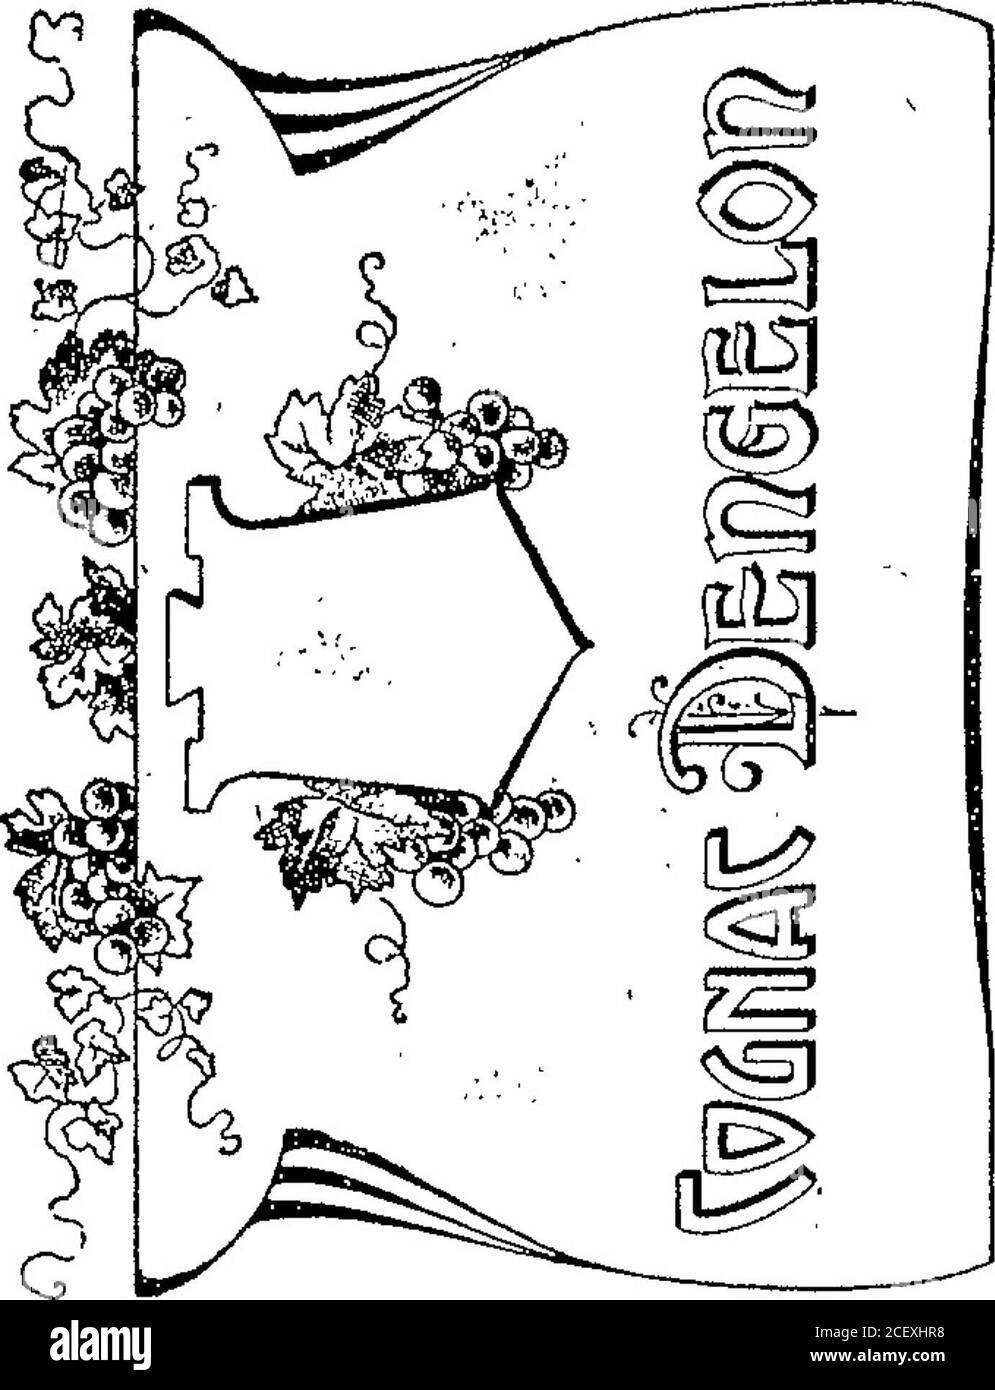 . Boletín Oficial de la República Argentina. 1909 1ra sección. Agosto 26 de 1909.—Compagníe Industriclle y Commerciale DAnvers (SociétcAnonyme).-^Artículos de la clase 29. v-3 septiembre. Acta No. 27.220. Agosto 24 de 1909.—Baldassare y Fras-eara.—Artículos de las clases 68 y 69.v-l° Septiembre. Acta No. 27.225 Pimentina,, Agosto 24 de 1909.—Saint Martin Herma-nos.—Condimentos y especies, clase 64.v-lo septiembre. Acta No. 27.232 Fixoleum Agosto 26 de 1909.—J. G. Jahrciss yHoenig.—Artículos de la clase 33. v-3 septiembre. Acta No. 27.235 Metaloides Agosto 26 de 1509.—Frederick StearnsCía.—Artí Stock Photo